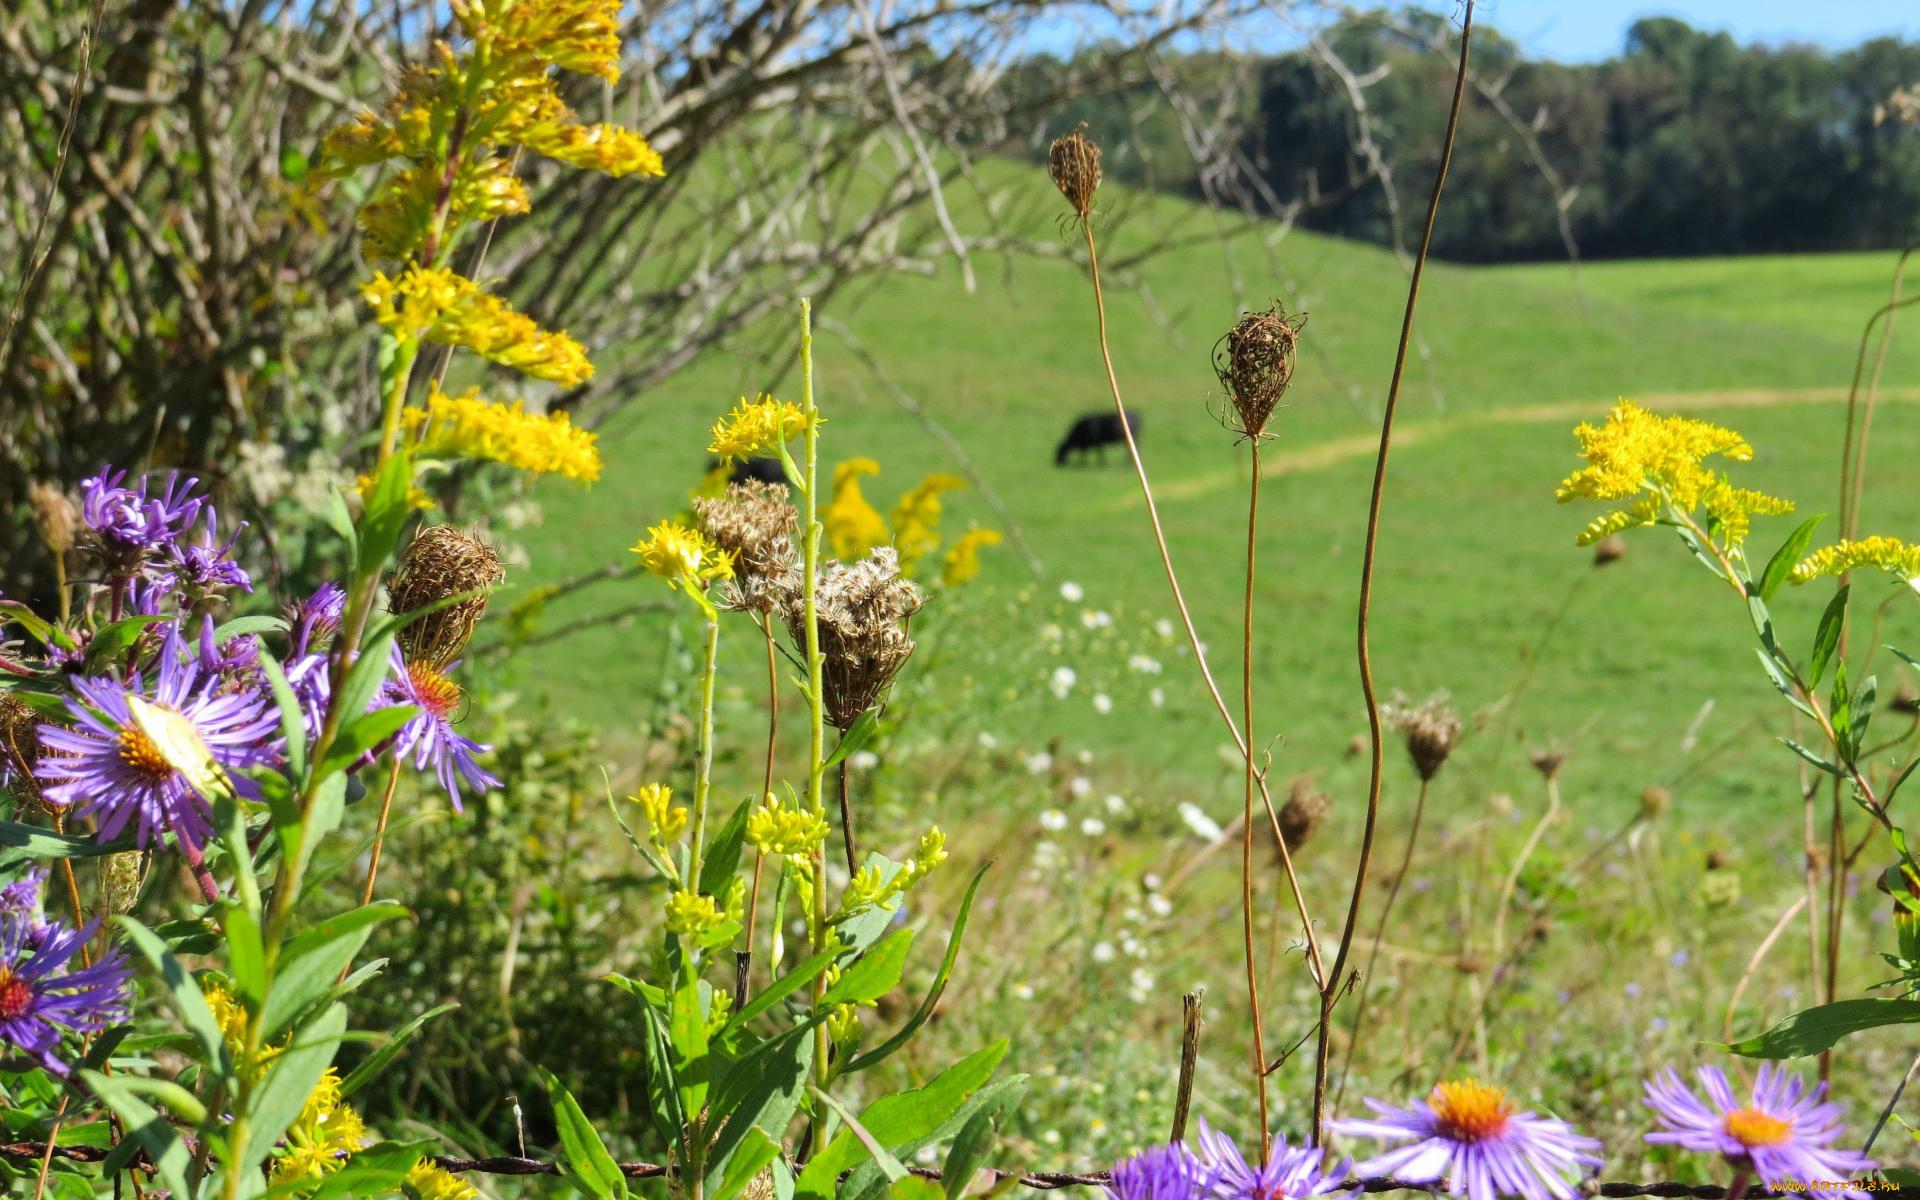 Полевые цветы травы купить минск, можно оптом купить